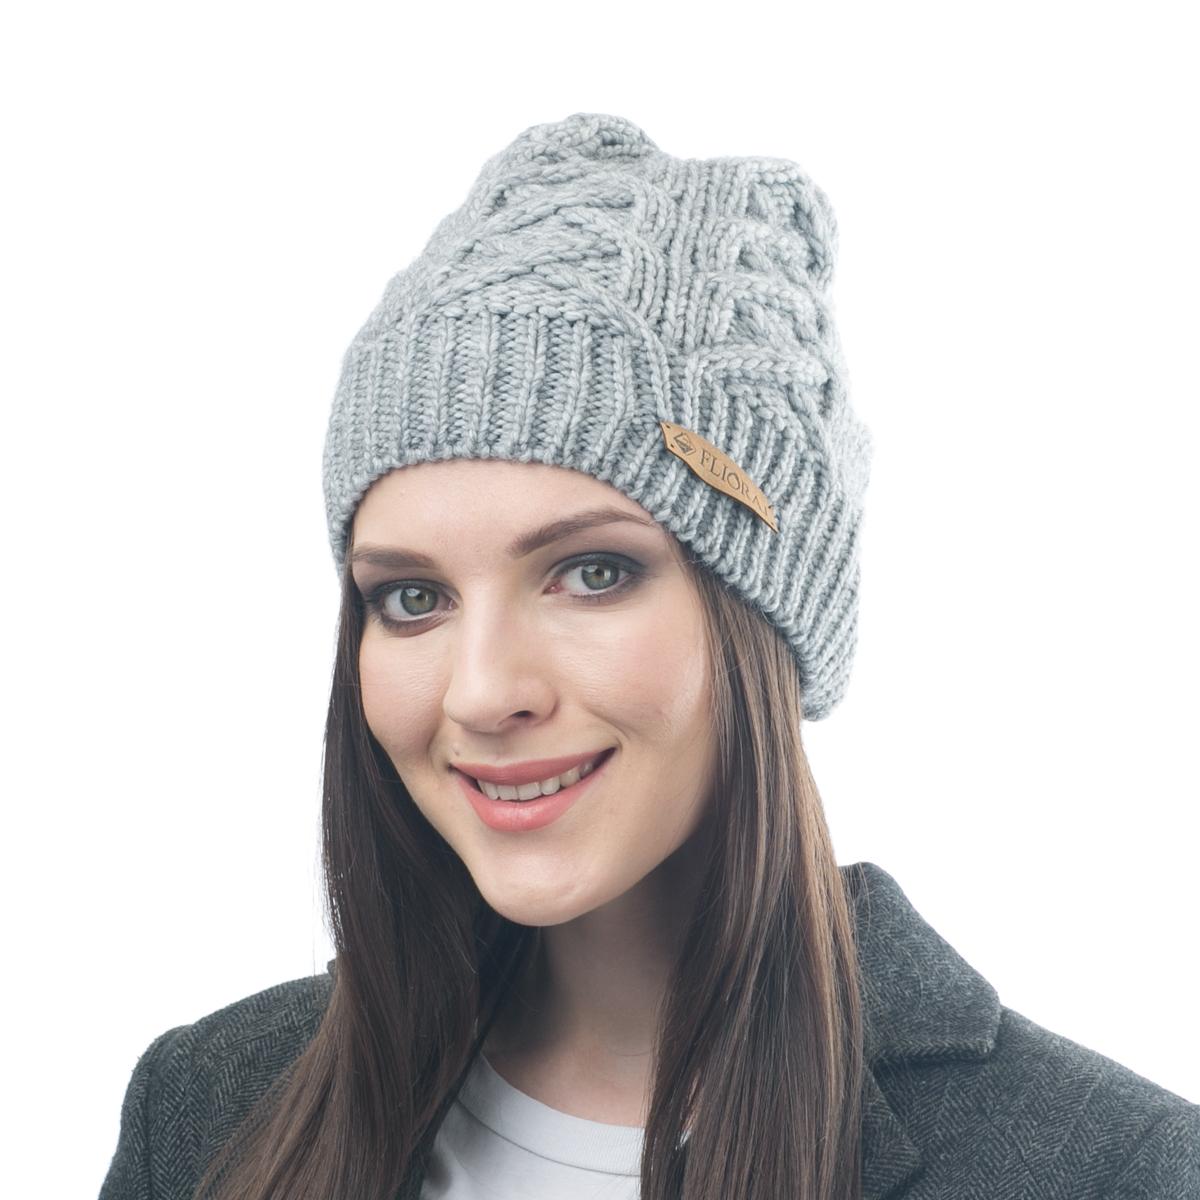 Шапка женская Flioraj, цвет: светло-серый. 014FJ. Размер 56/58014FJСтильная и теплая шапка от Flioraj, связанная из овечьей шерсти и шерсти горной альпаки, отлично согреет в холодную погоду. Состав пряжи делает изделие мягким, теплым и комфортным. Модель выполнена рельефной вязкой и украшена нашивкой из натуральной кожи.